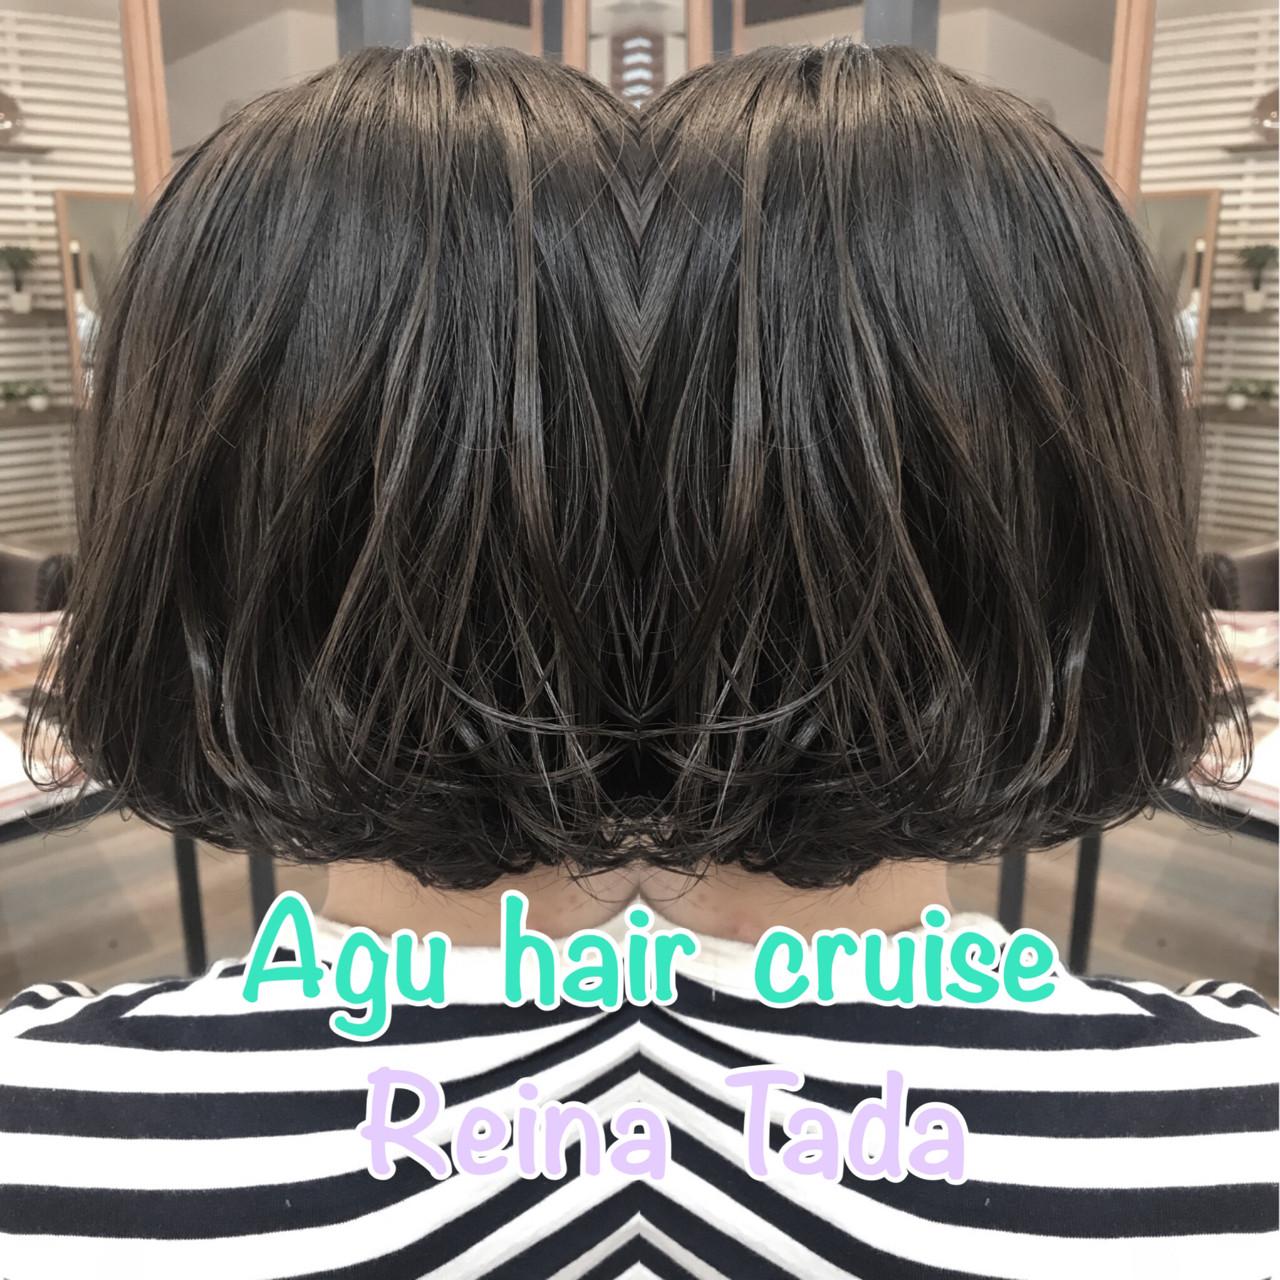 ナチュラル バレイヤージュ アッシュ 透明感 ヘアスタイルや髪型の写真・画像